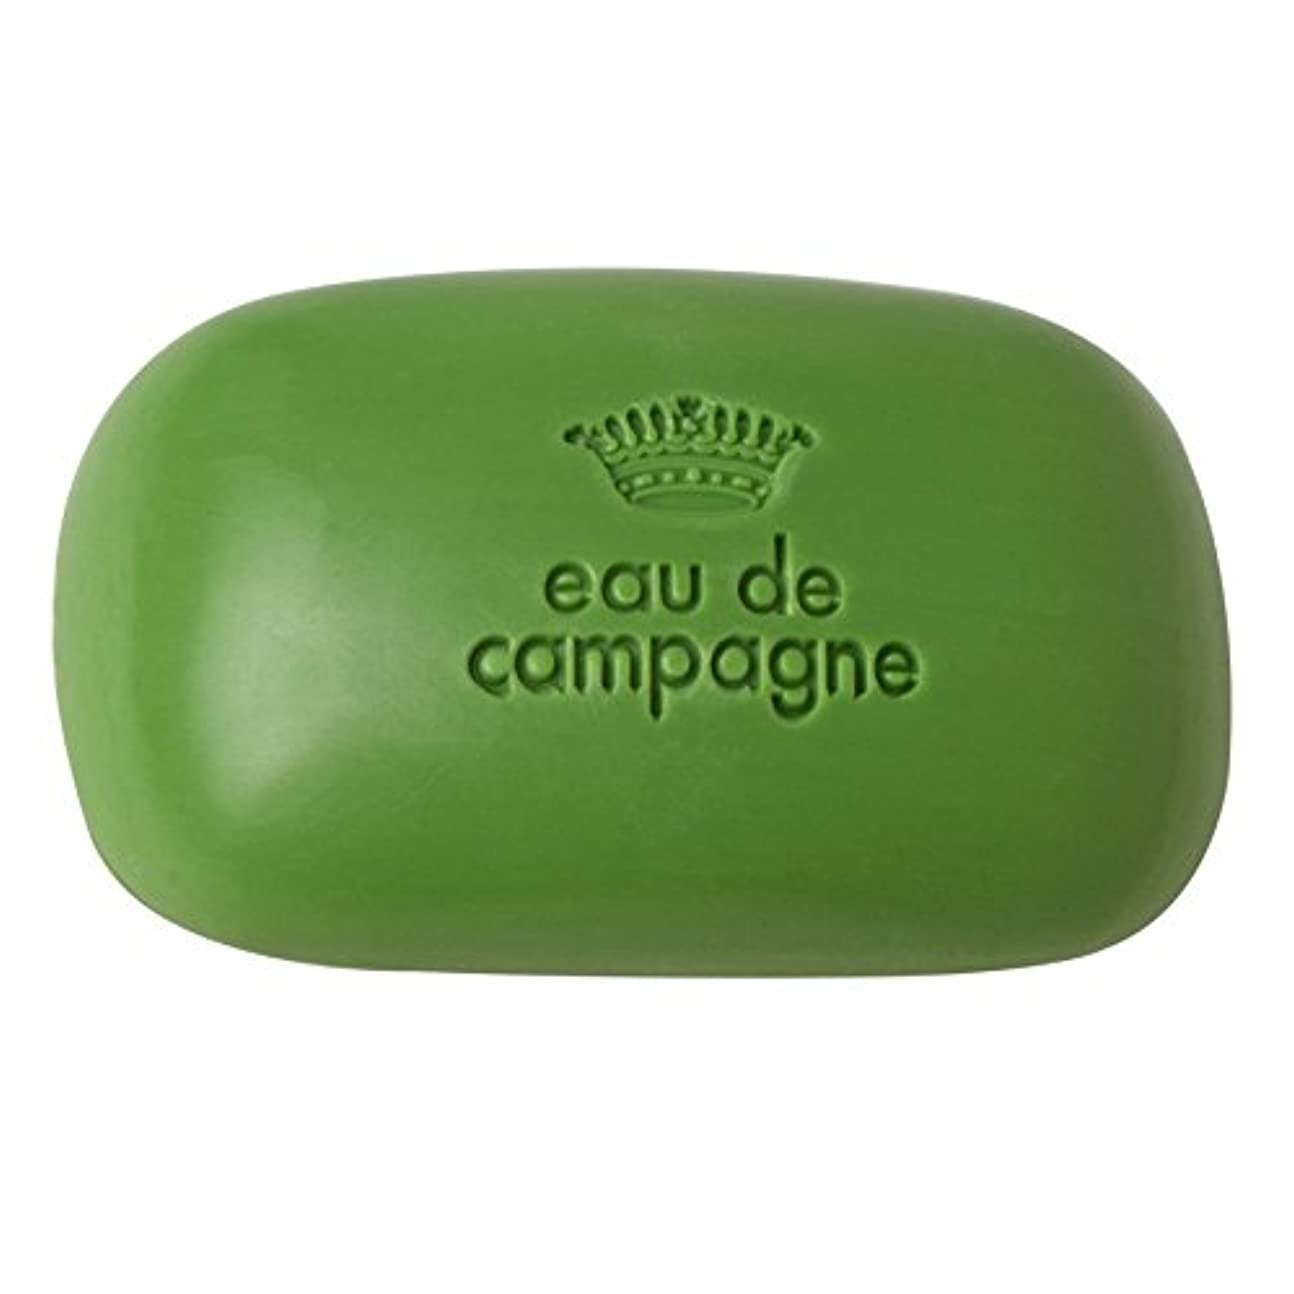 影提供された垂直[Sisley ] シスレーオー?ド?カンパーニュ石鹸100グラム - Sisley Eau de Campagne Soap 100g [並行輸入品]